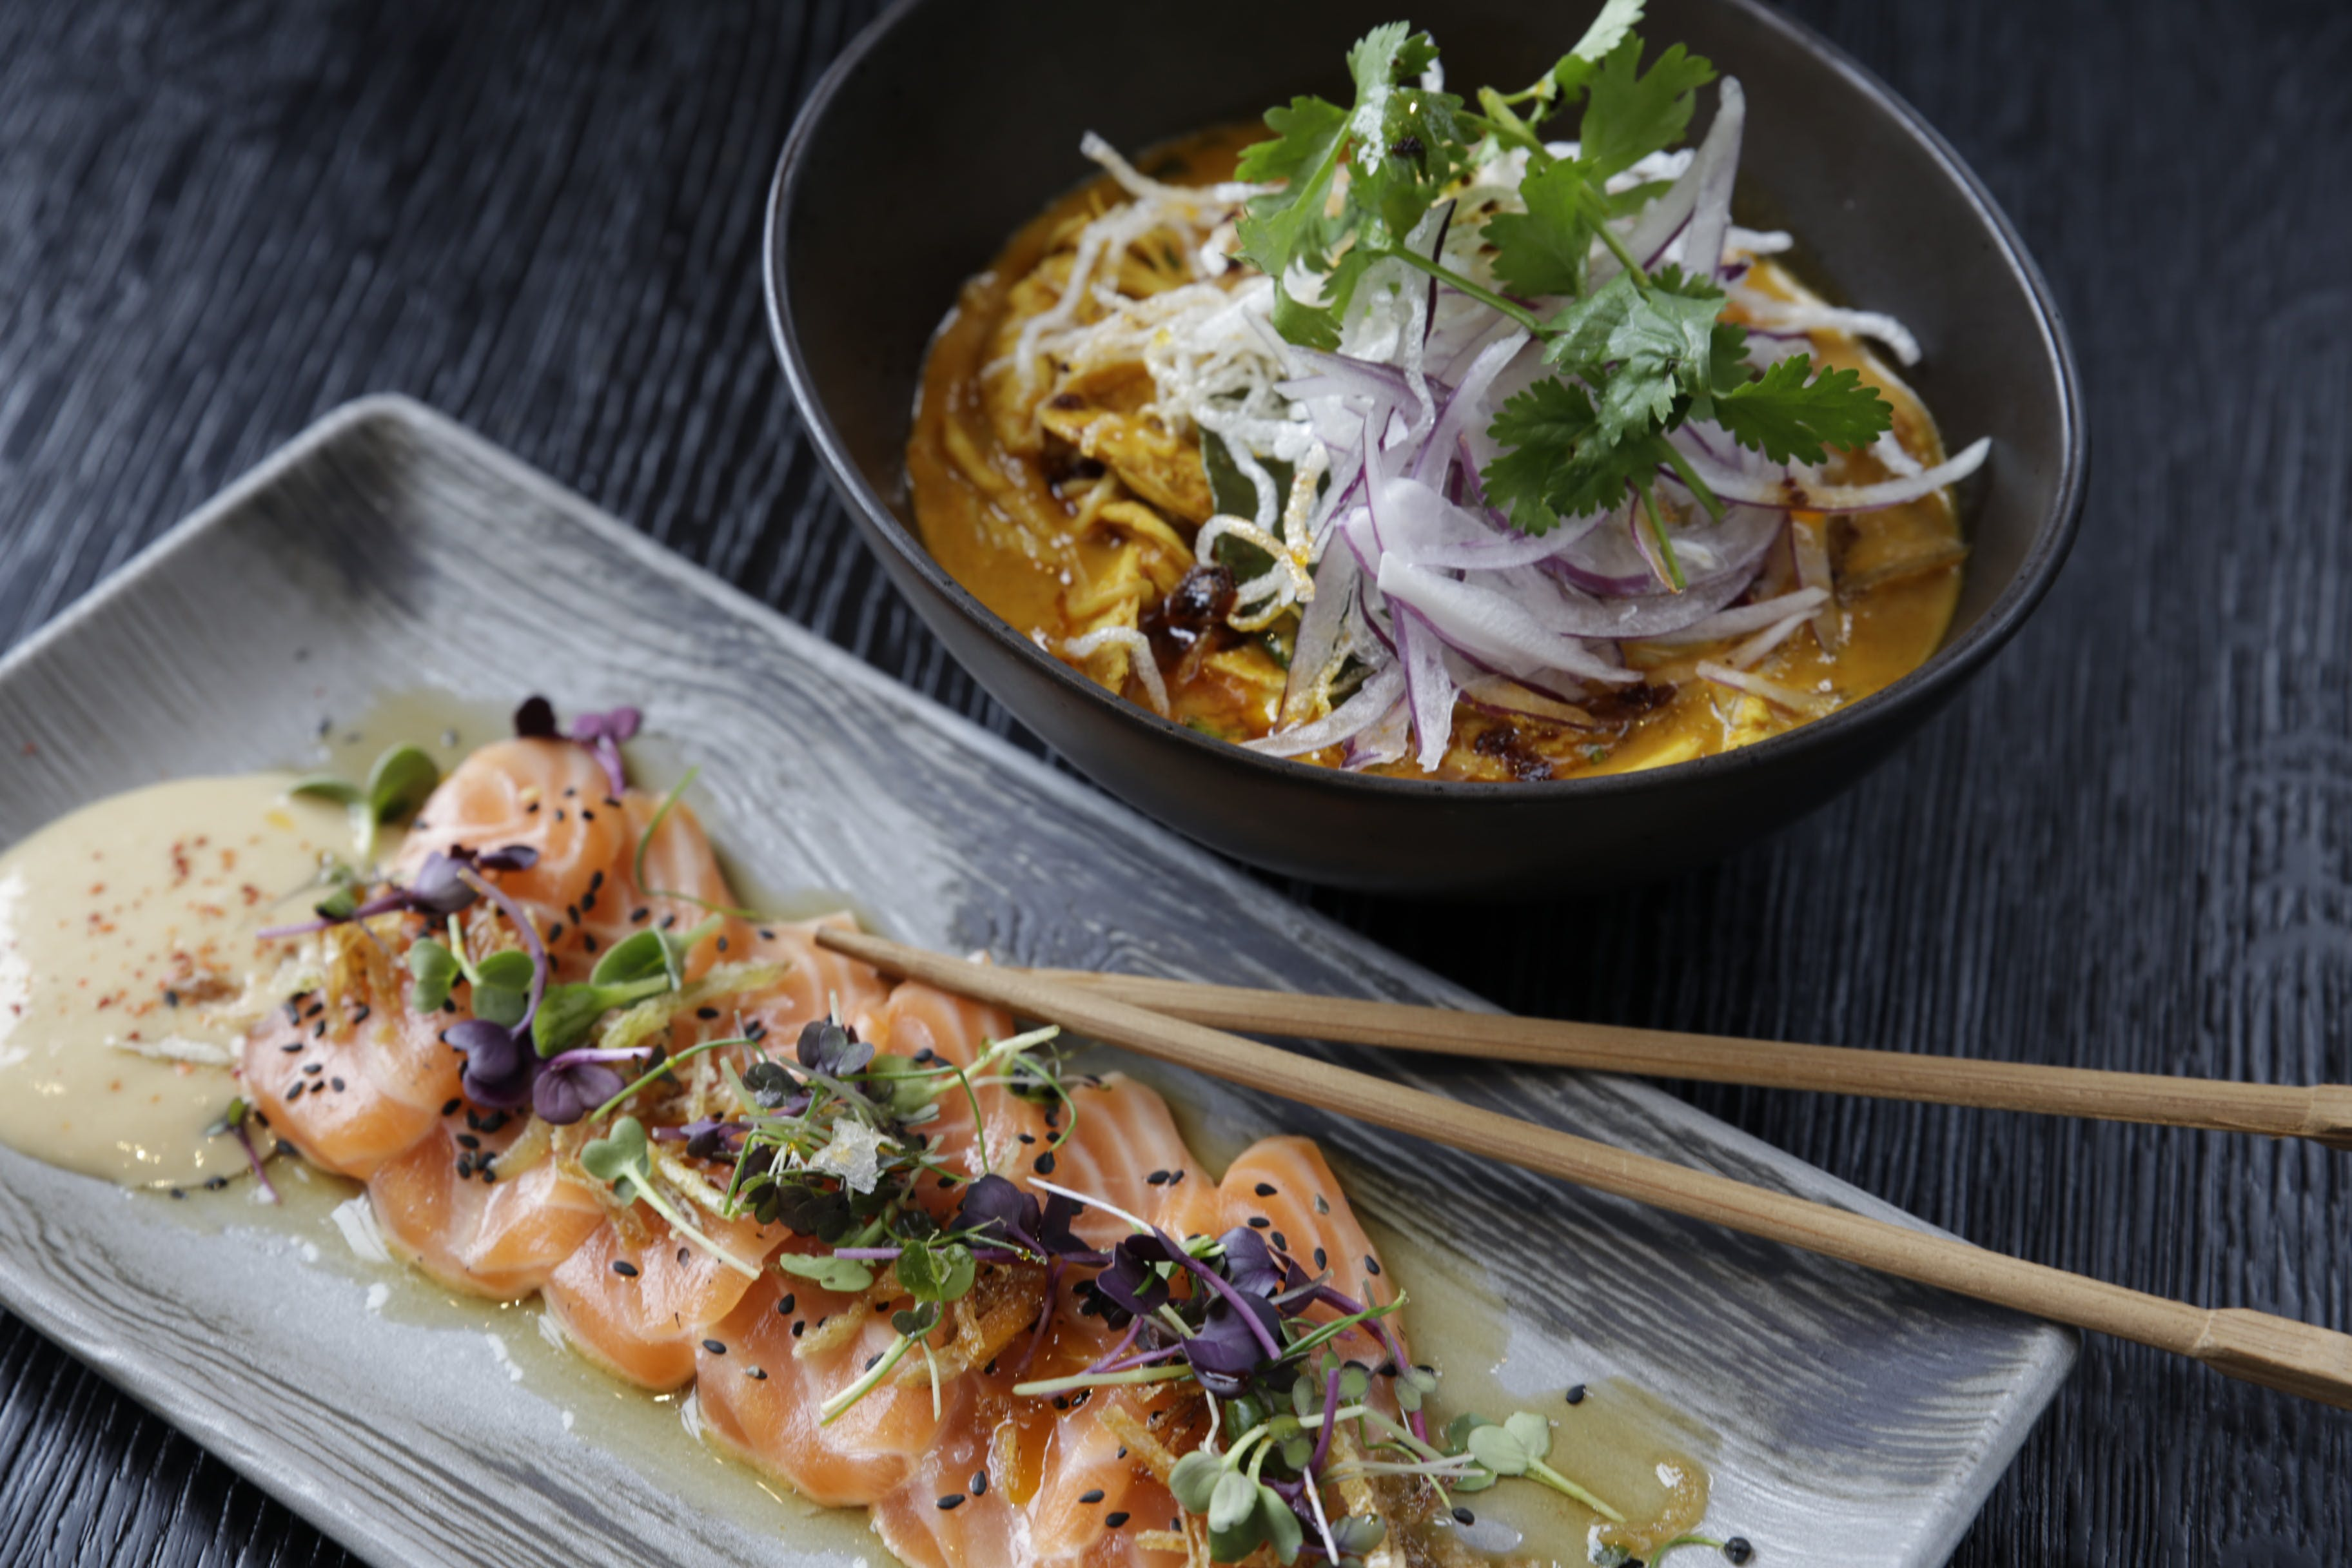 asian food, bowl, chopsticks